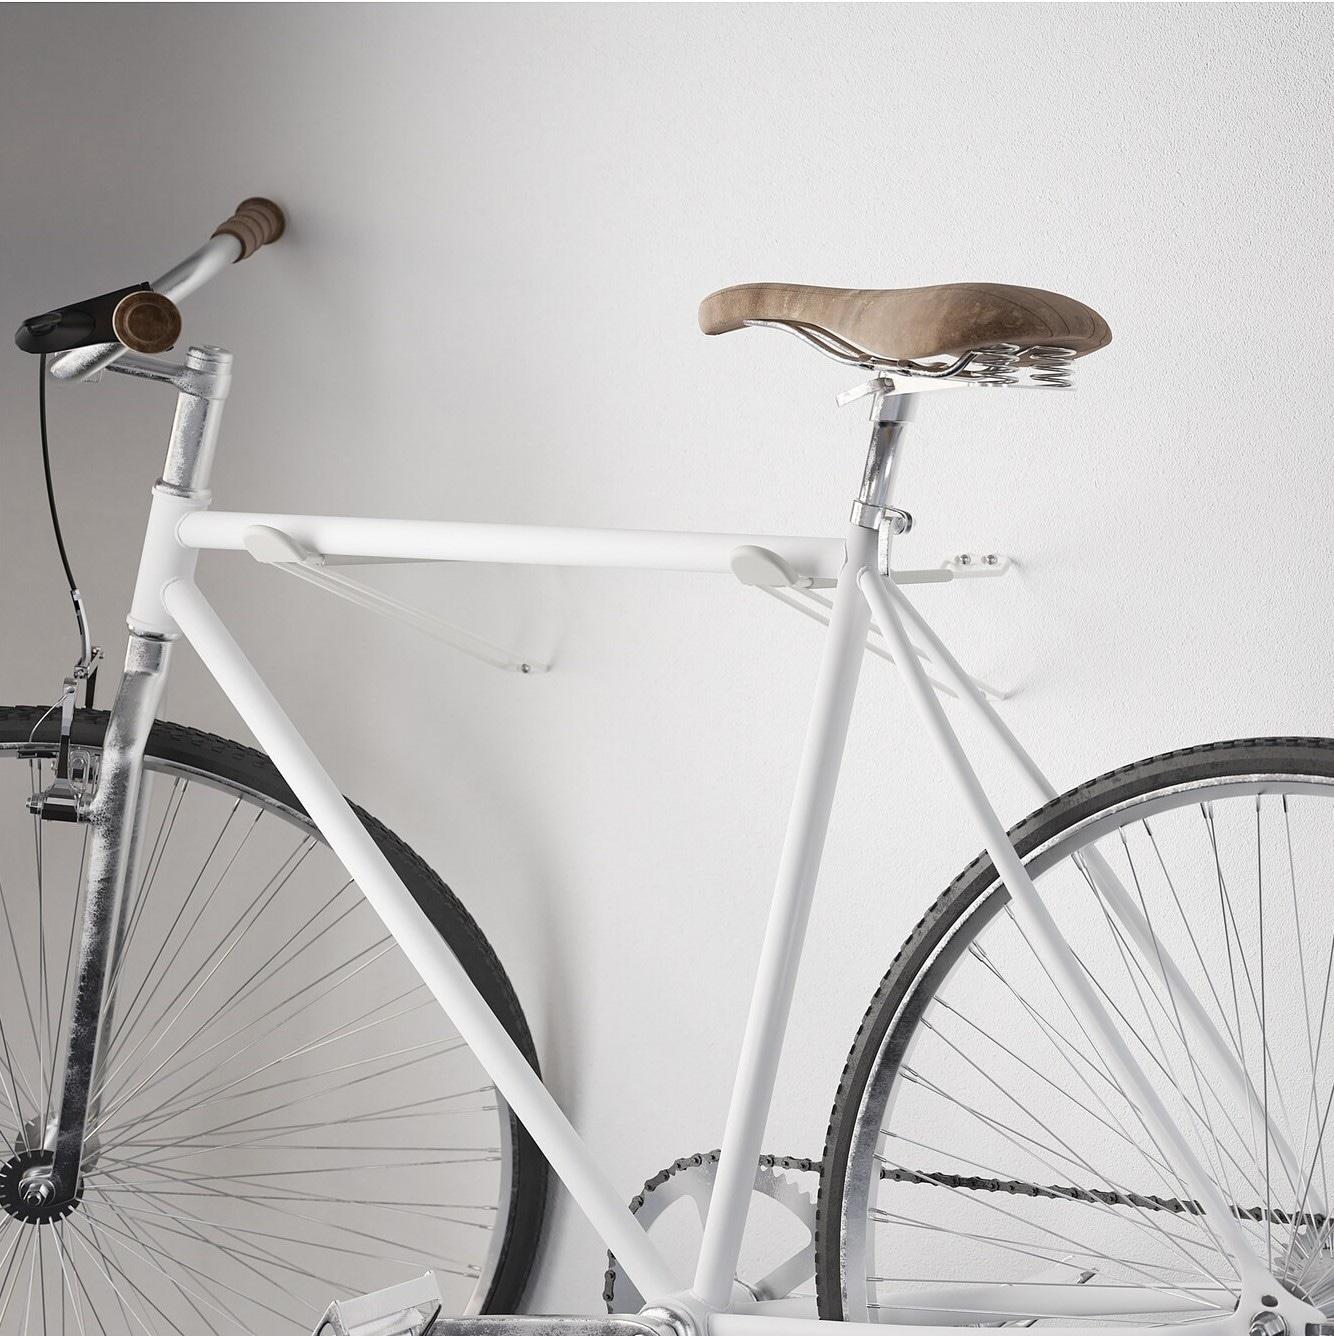 Bicicleta colgada en la pared